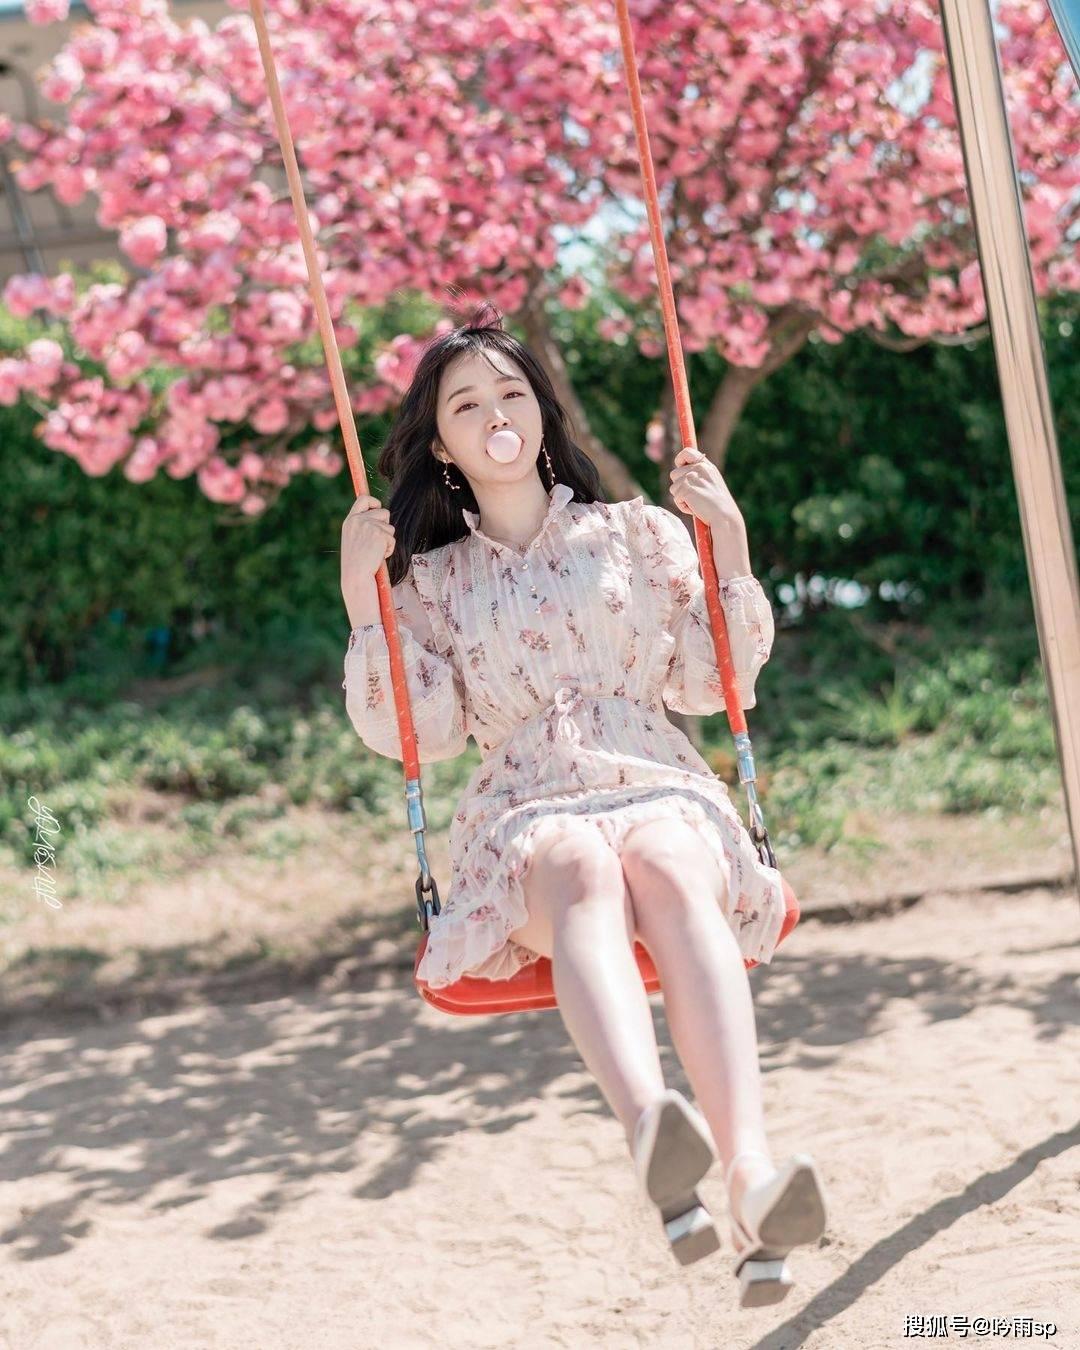 笑靥如花,将来会是谁的小可爱呢